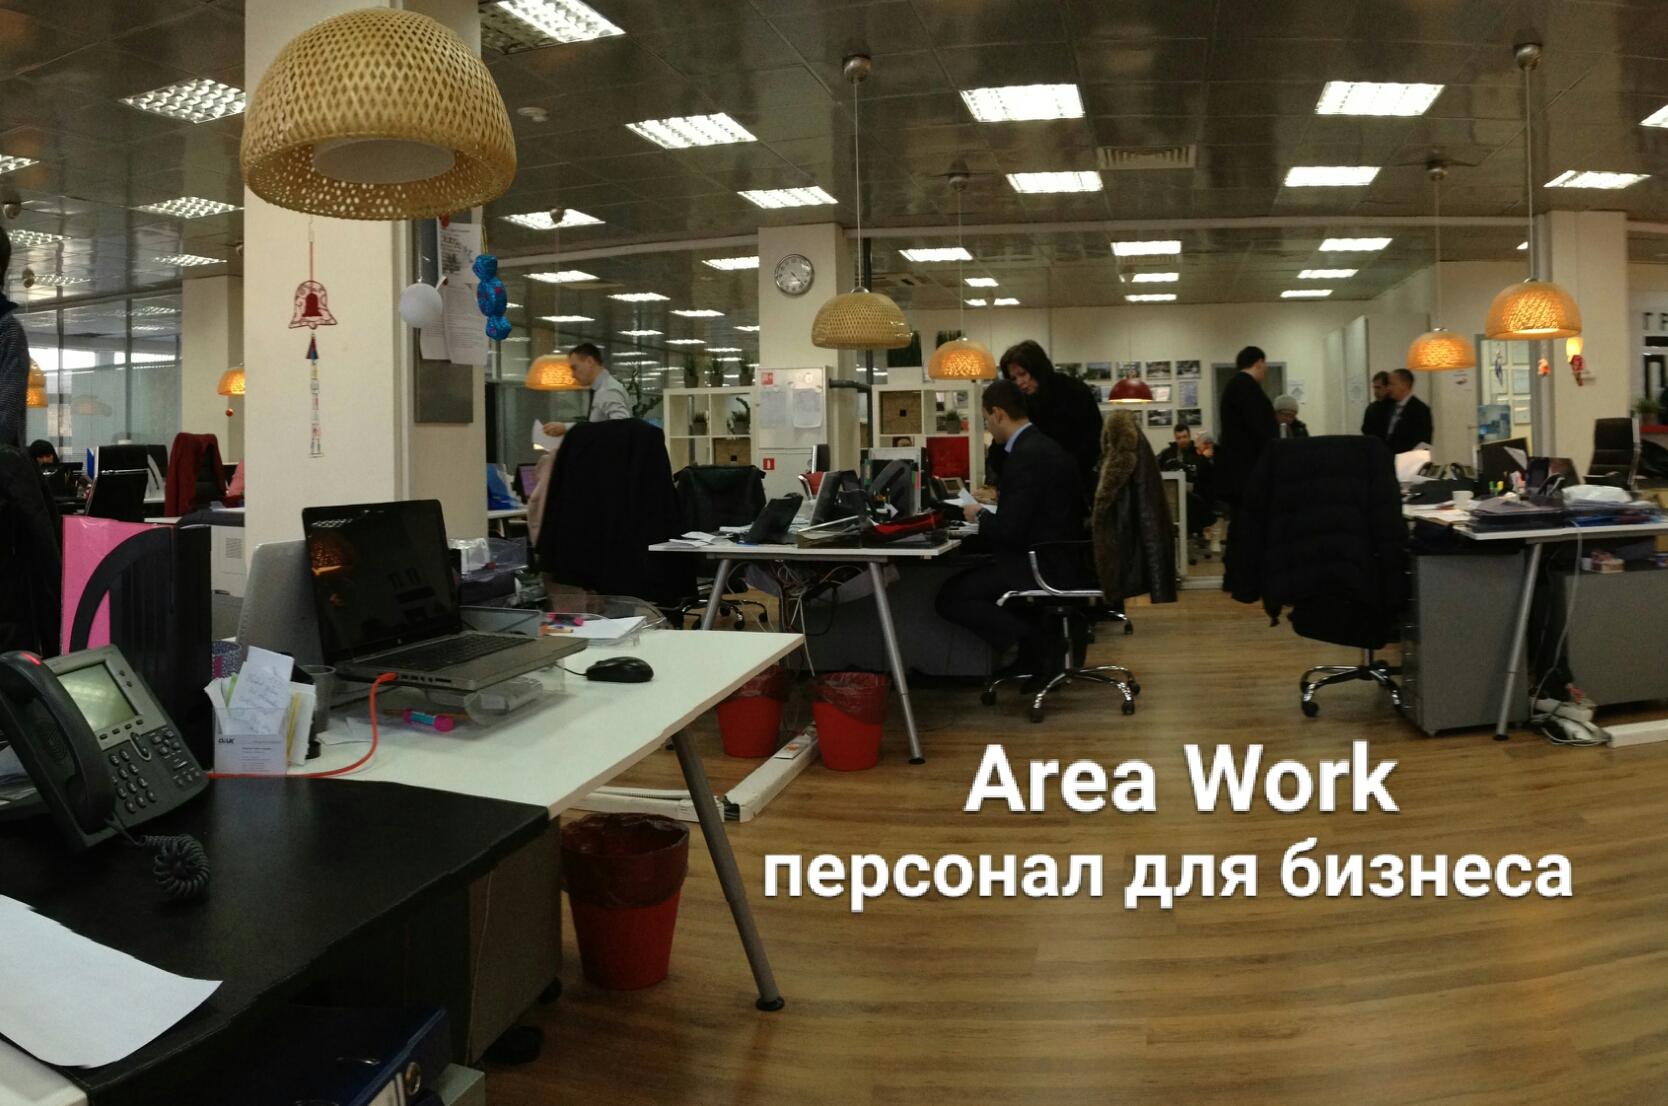 Аутсорсинг, Аутстафинг, Лизинг персонала, грузчики недорого, временный сотрудник, найм персонала недорого, рабочи с почасовой оплатой, работа вахтой в Москве,